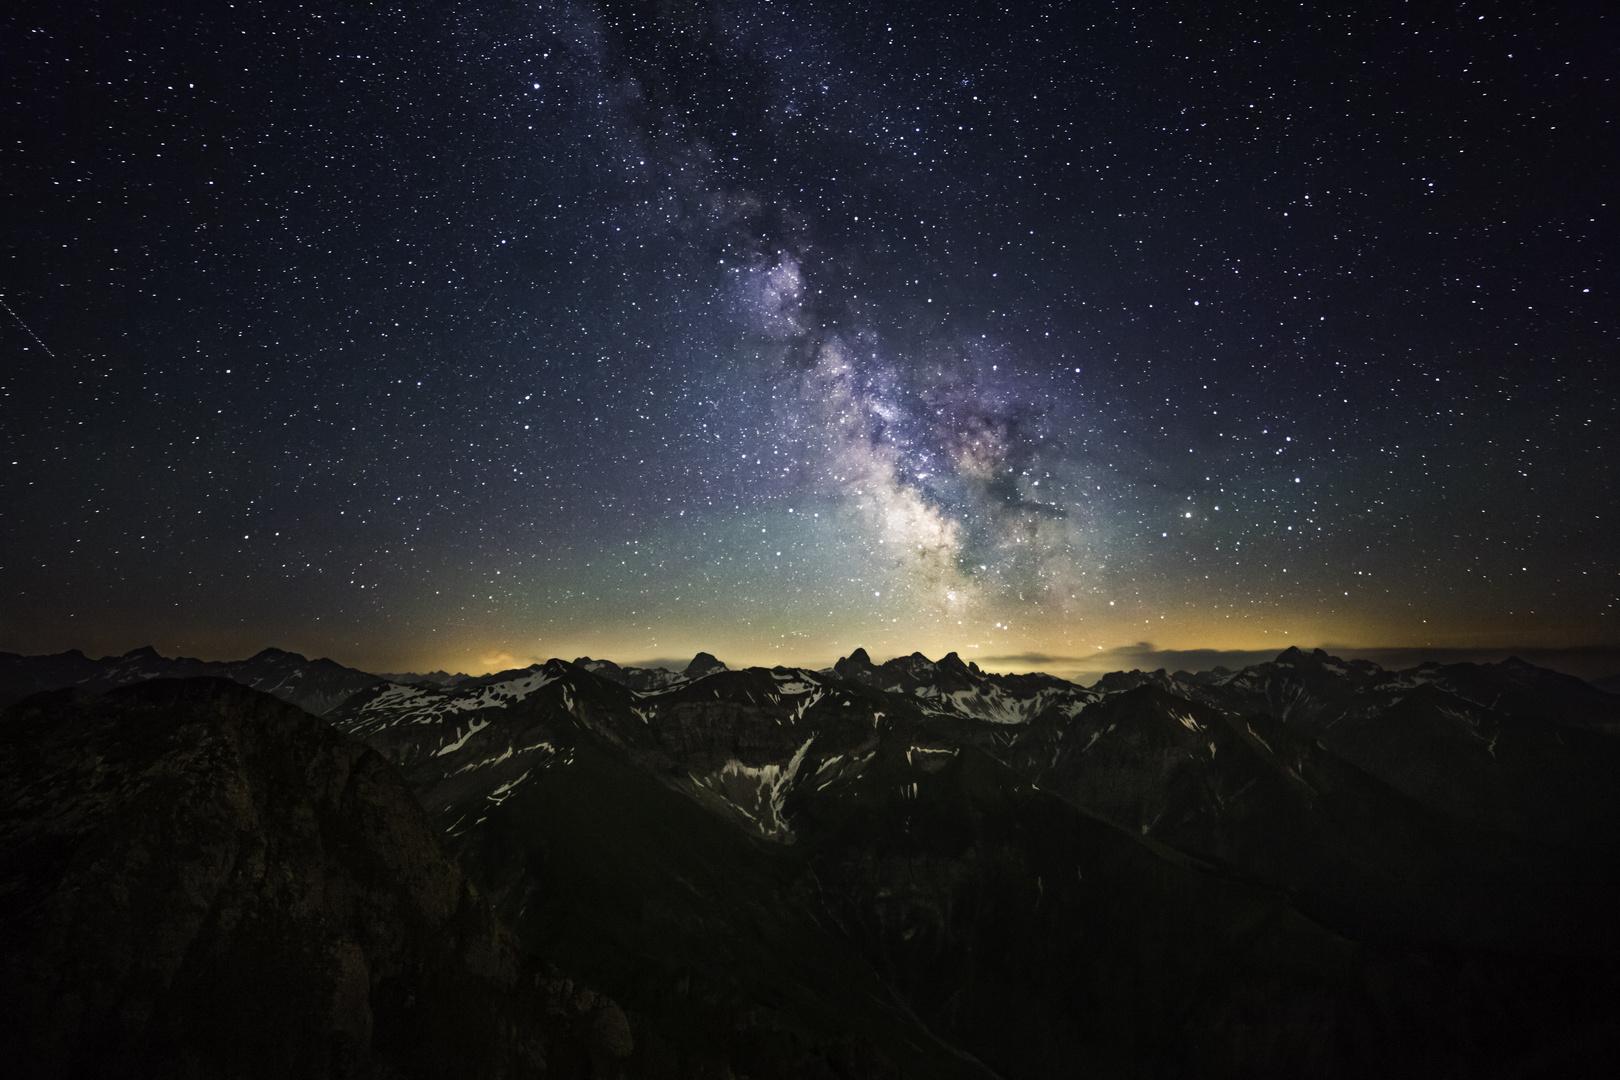 Milchstraße über den Allgäuer Alpen